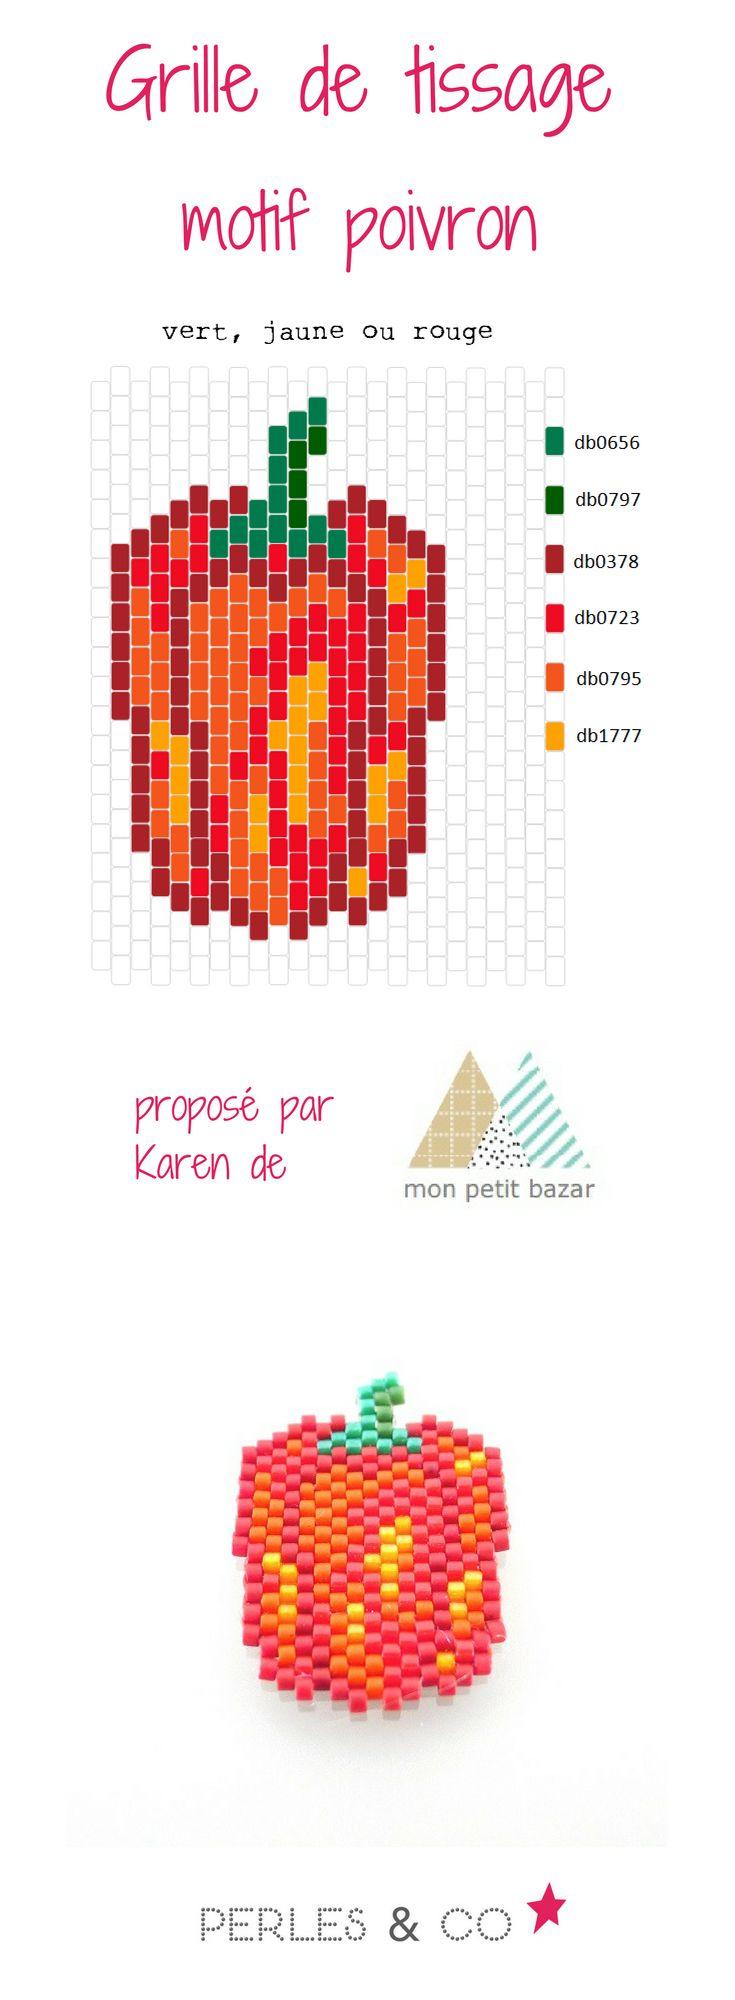 """Et si on s'amusait à tisser un poivron? Grâce à  Karen du blog Mon petit bazar, voici un diagramme nommé  """"vert, jaune ou rouge""""  pour réaliser un motif coloré en perles Miyuki Delicas 11/0.      Ce motif peut être réalisé avec les techniques brickstitch ou peyote.  Retrouvez le tutoriel sur la boutique en ligne Perles & Co >> https://www.perlesandco.com/Diagramme_poivron_en_perles_Miyuki_Delicas_par_Mon_petit_bazar-s-2773-47.html"""